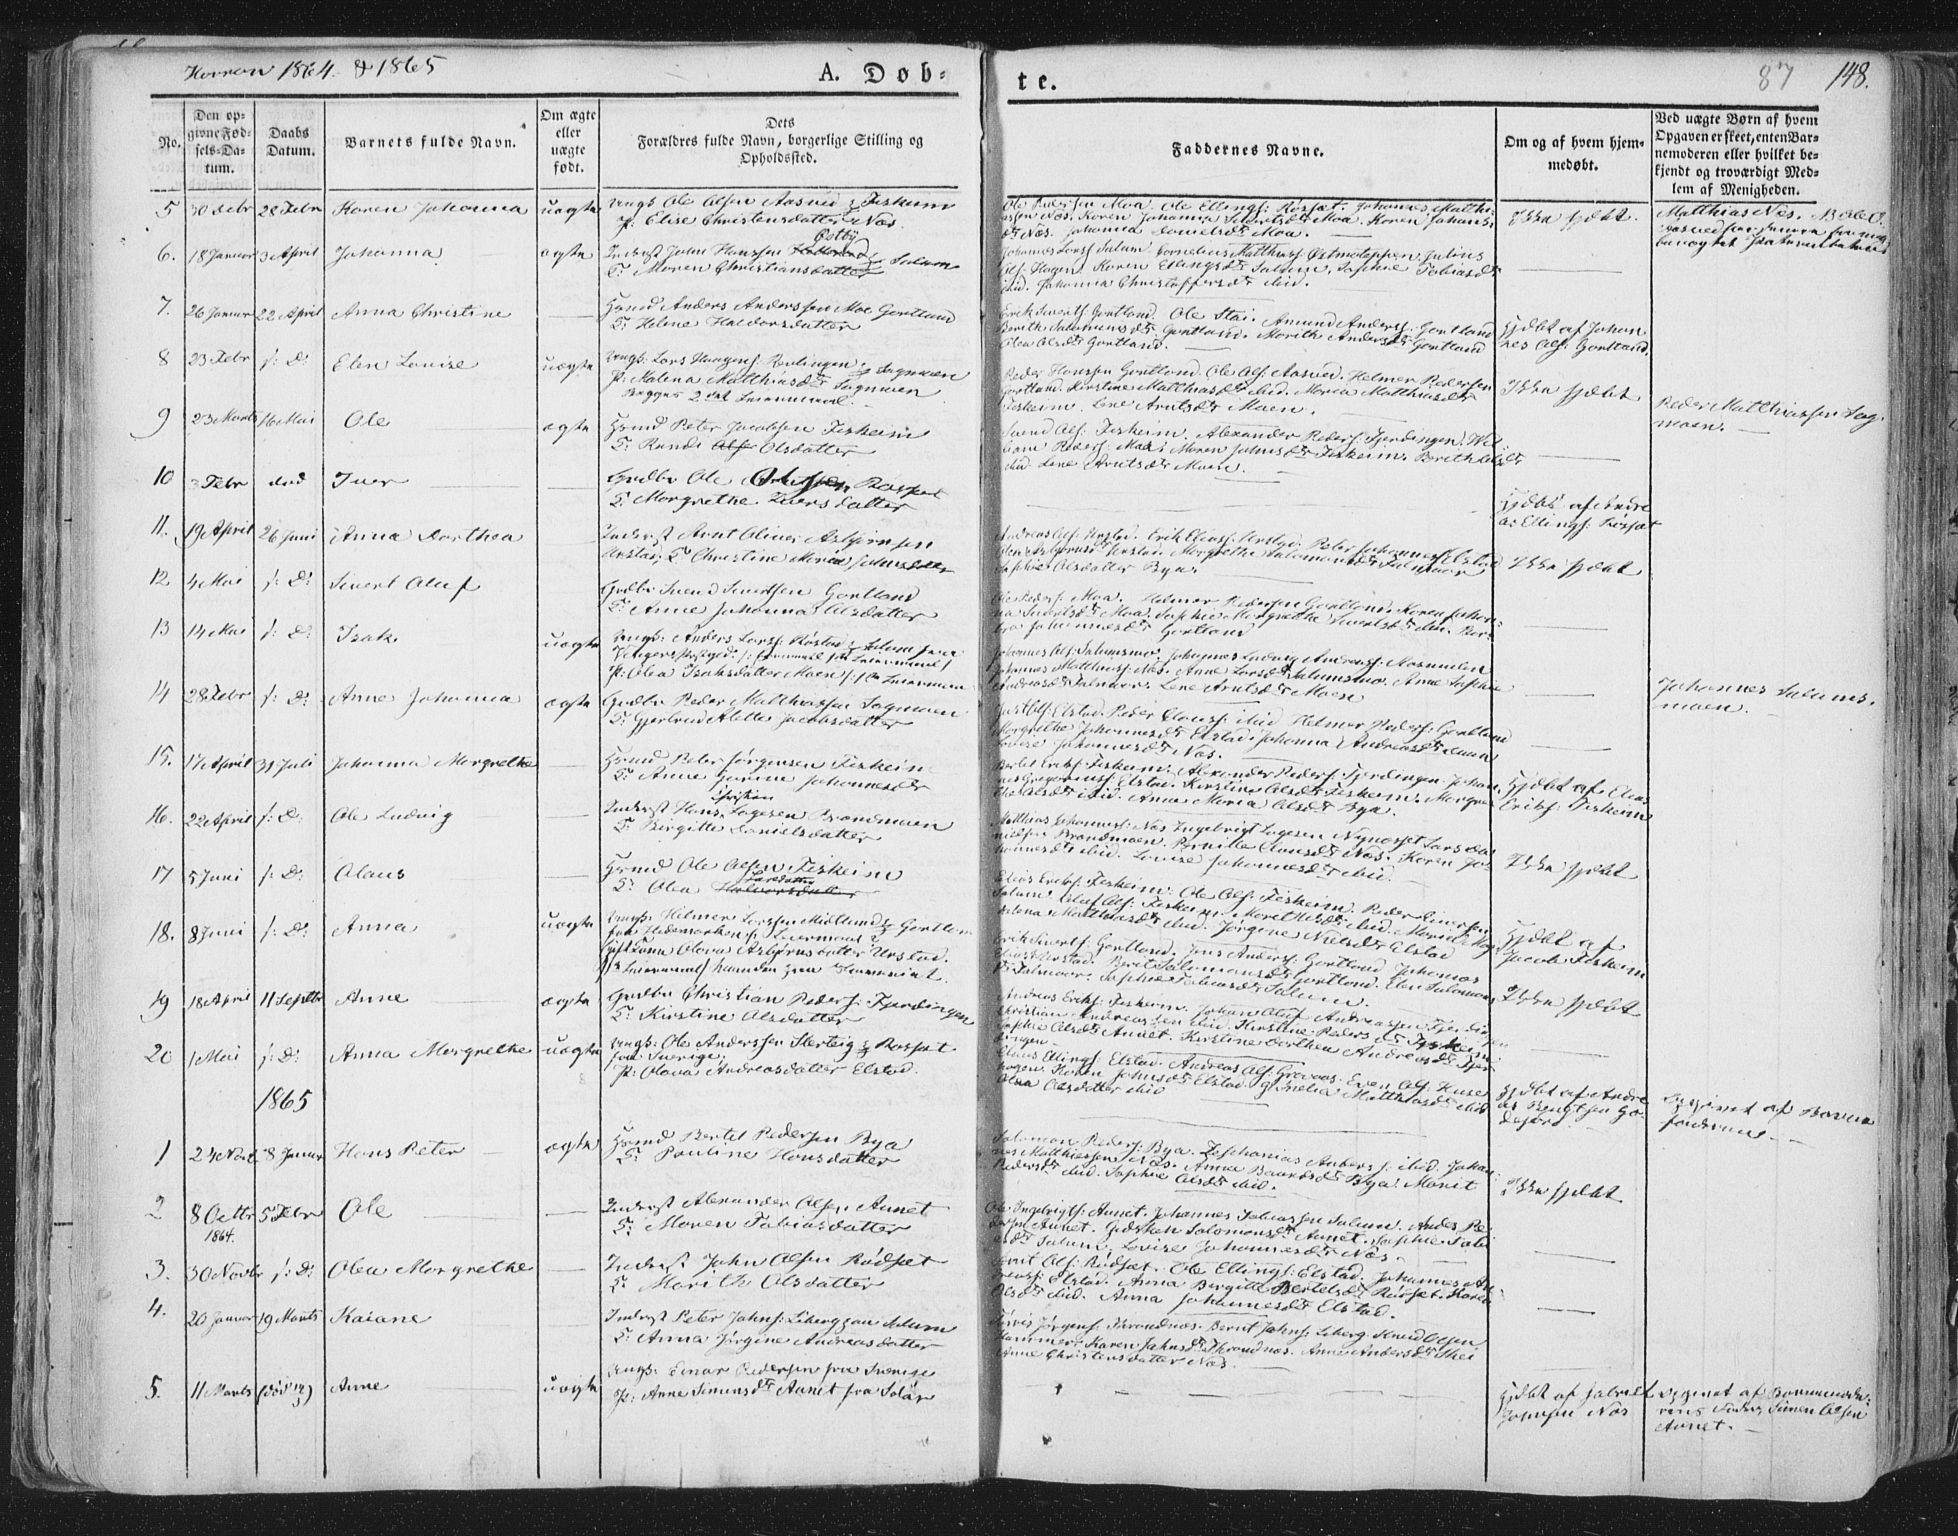 SAT, Ministerialprotokoller, klokkerbøker og fødselsregistre - Nord-Trøndelag, 758/L0513: Ministerialbok nr. 758A02 /3, 1839-1868, s. 87